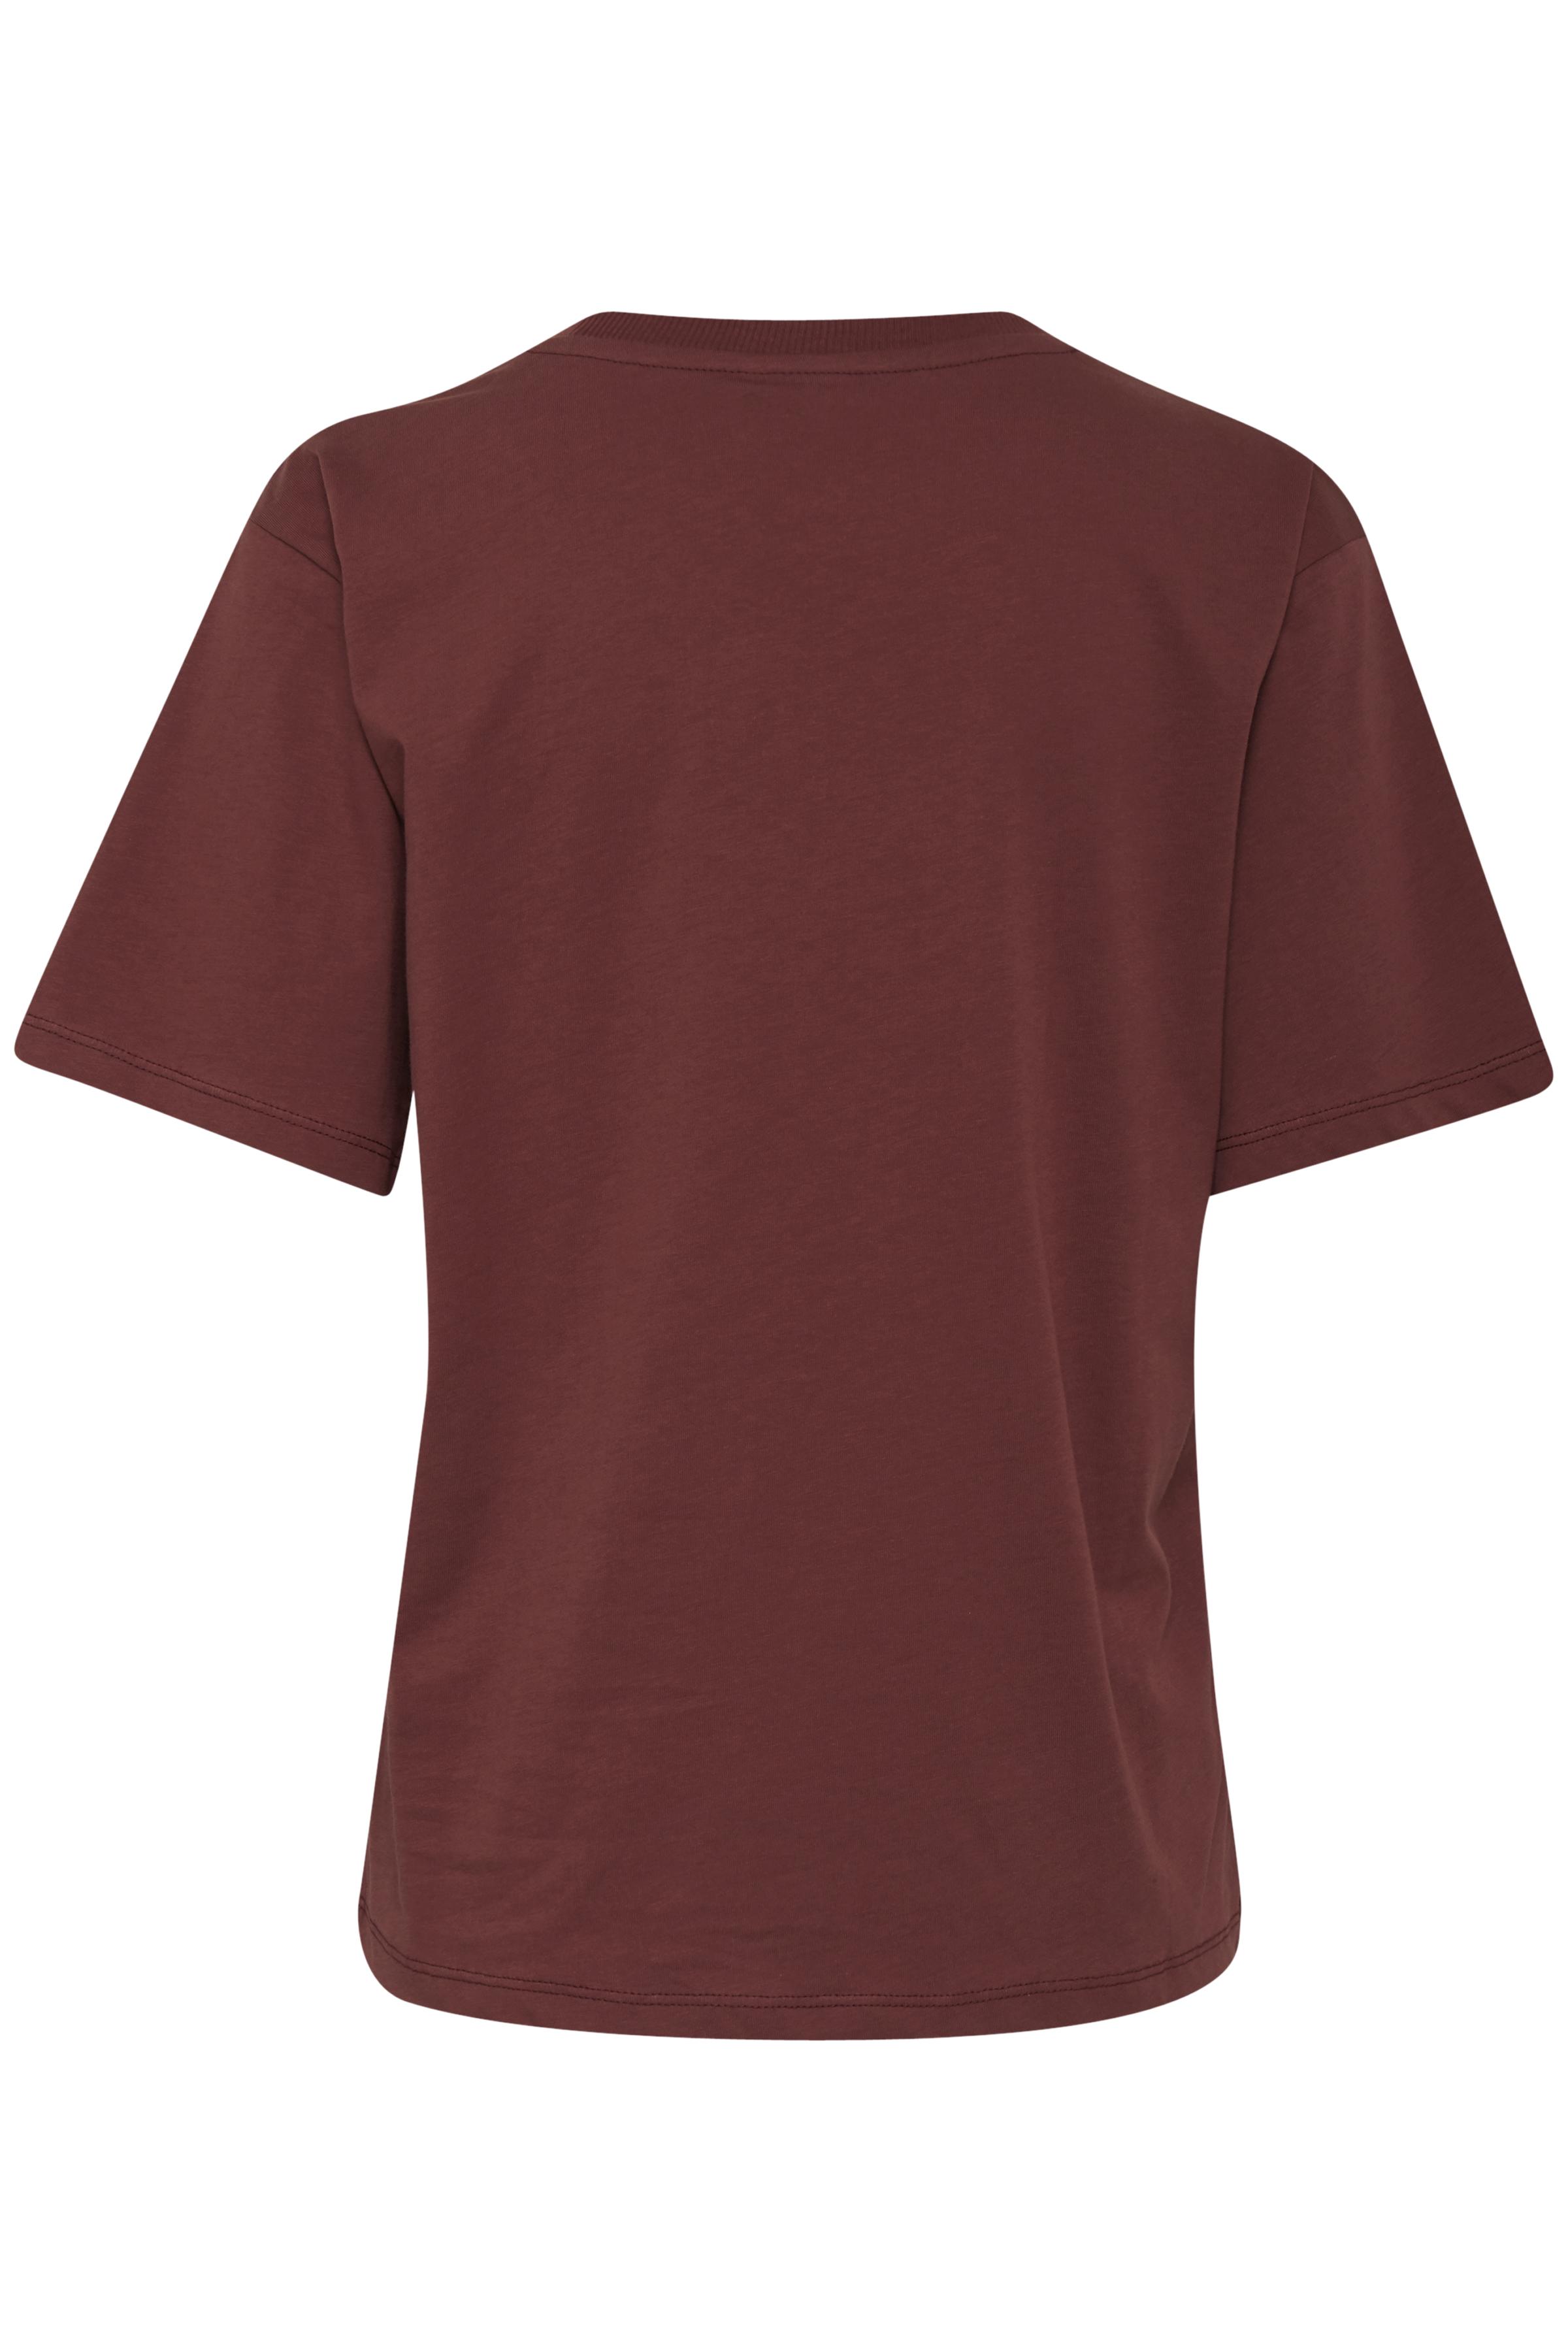 Andorra T-shirt – Køb Andorra T-shirt fra str. XS-XL her